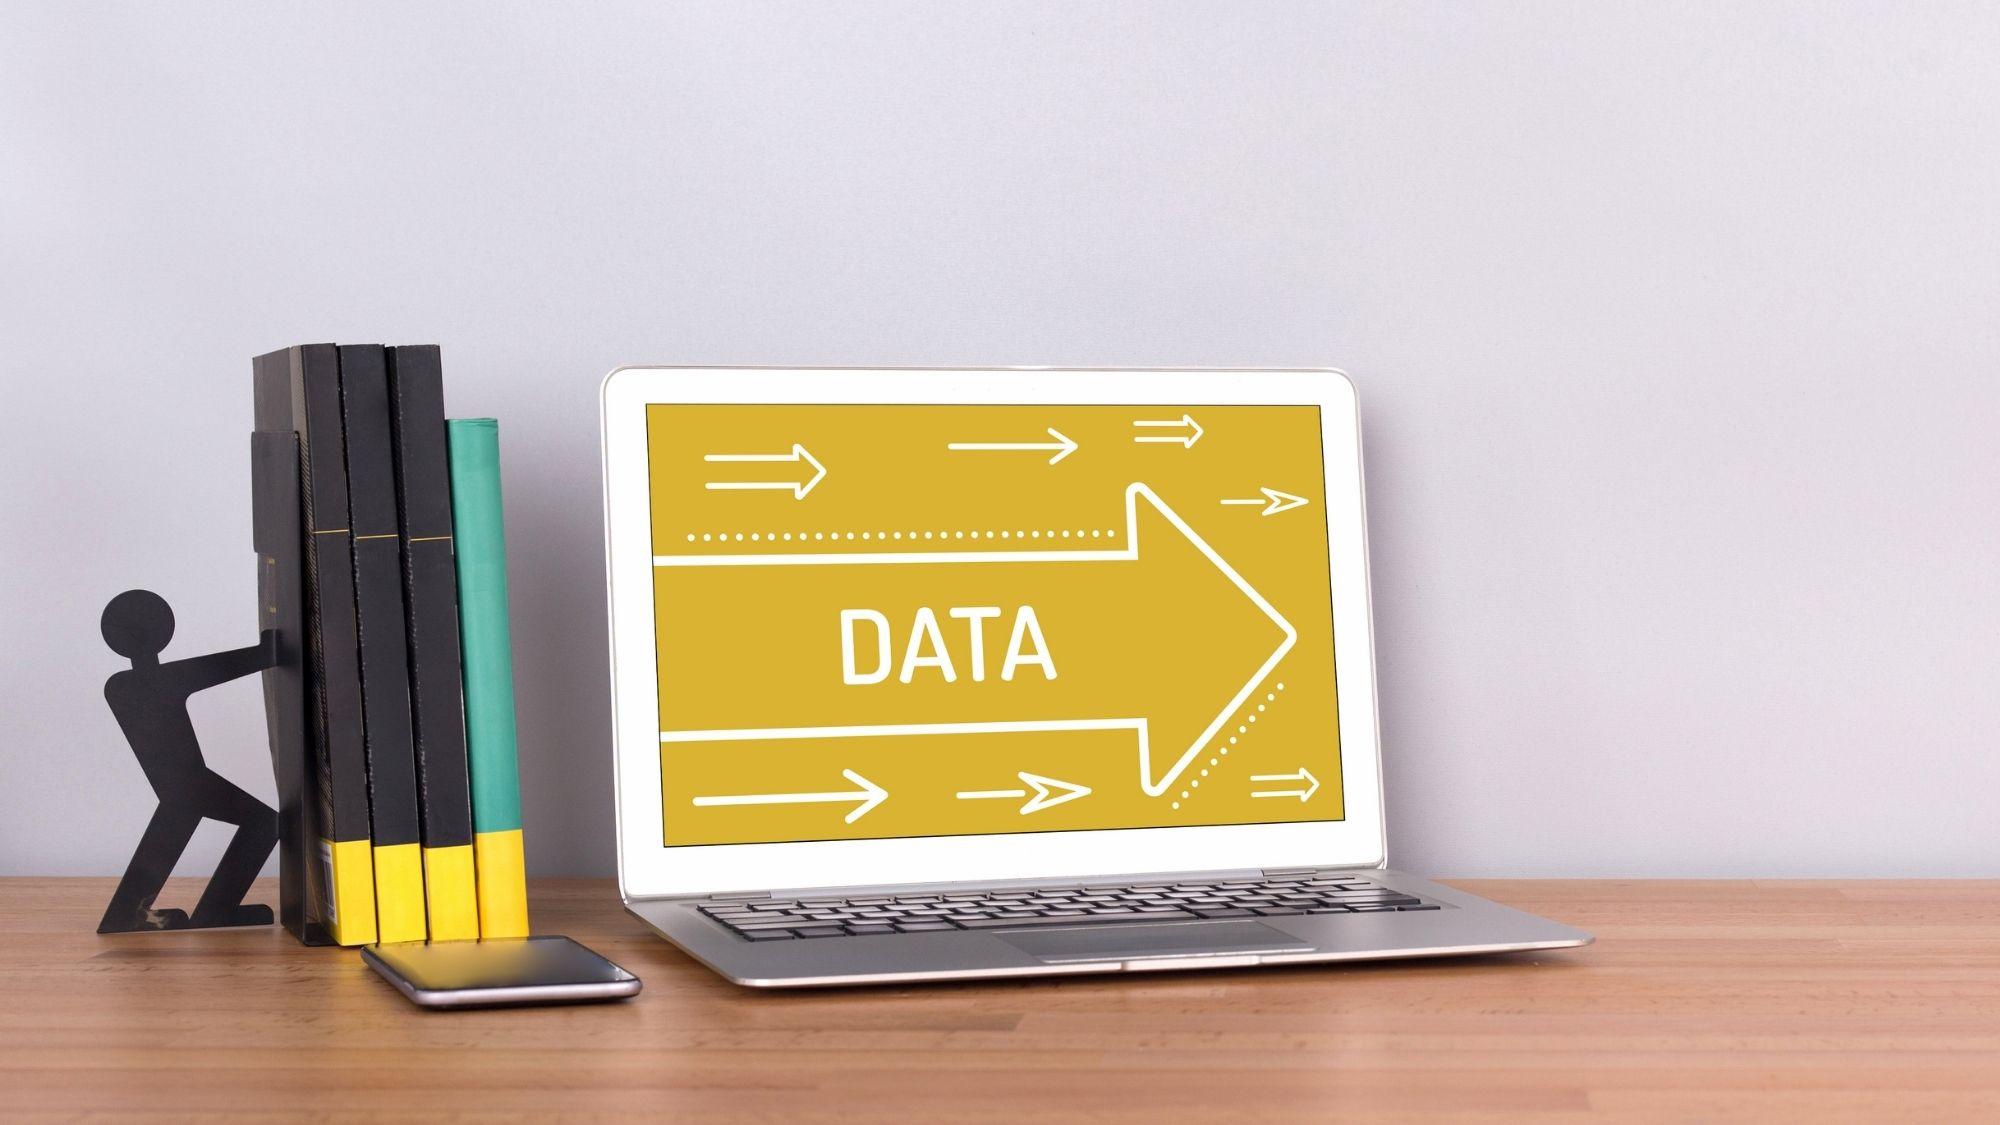 Analiza i raportowanie danych – czyli Power BI cz. 1